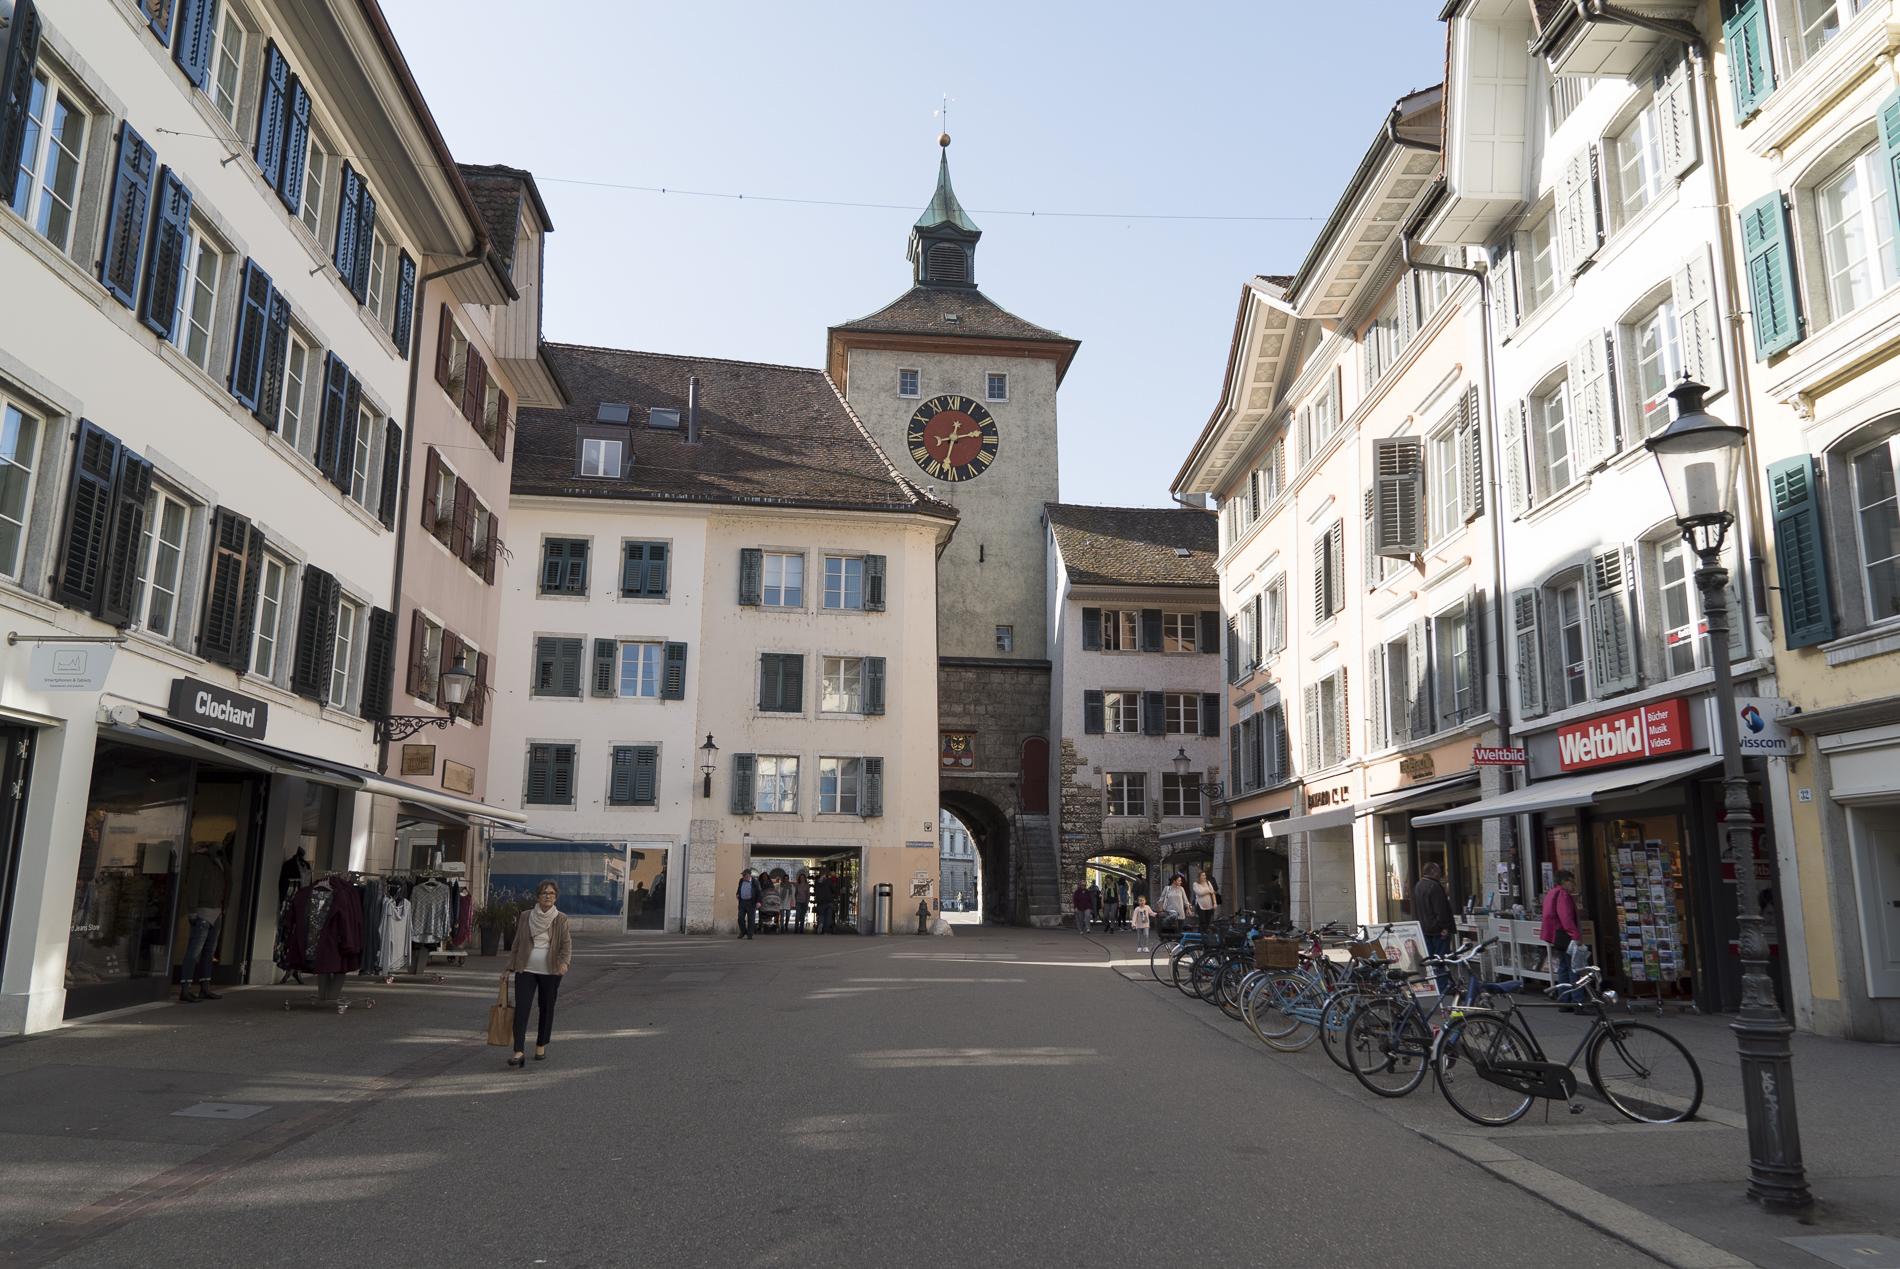 Solothurner Altstadt